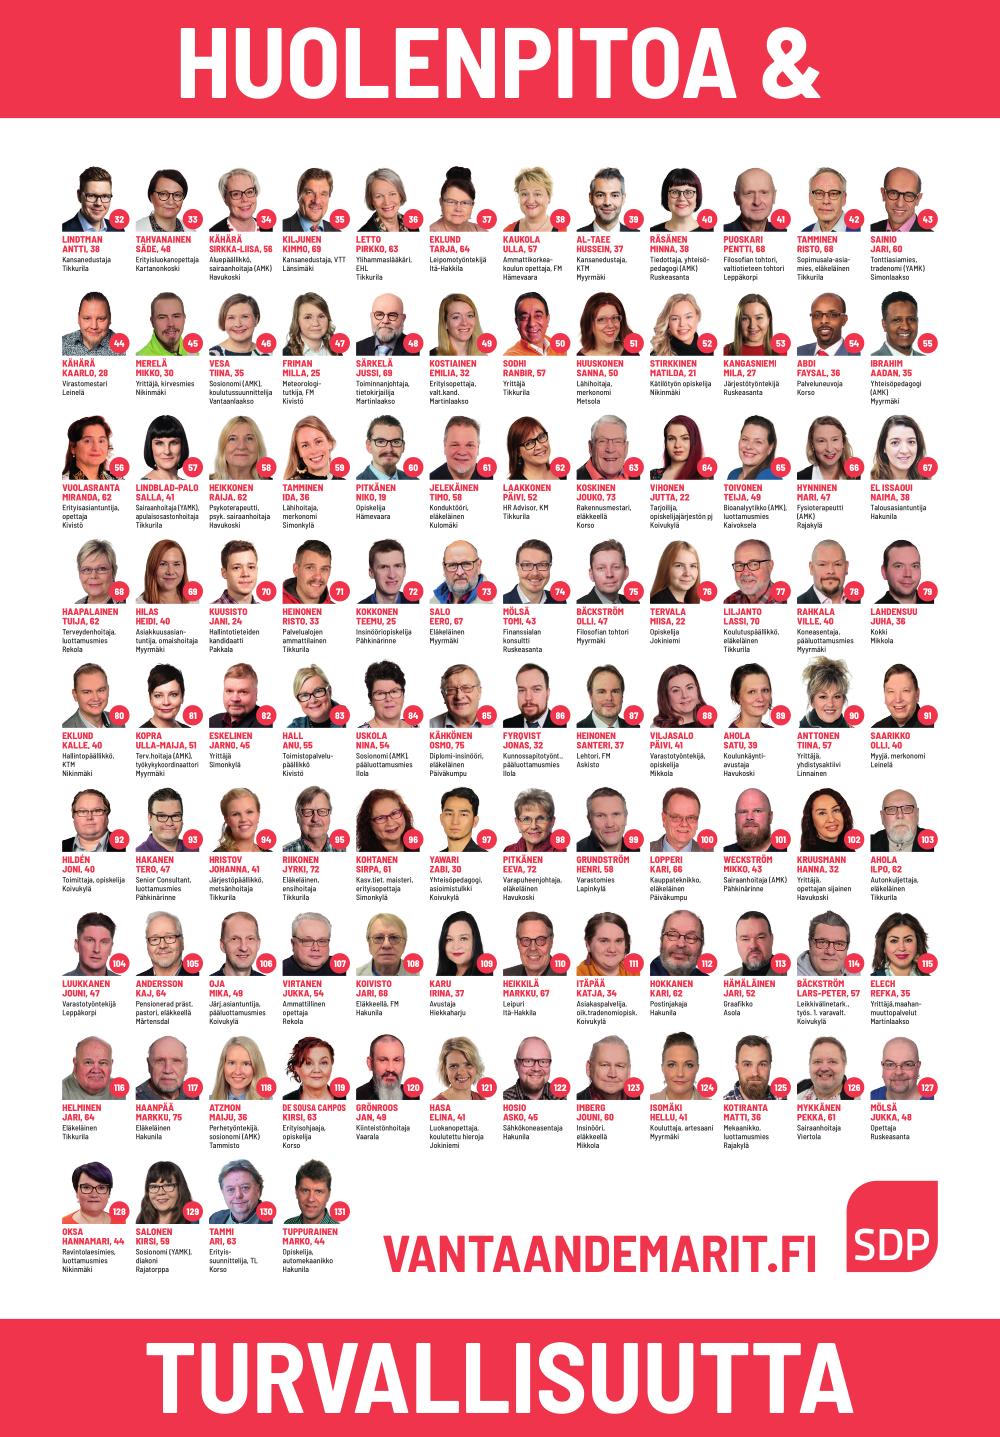 Kaikki ehdokkaat kuntavaalit 2021